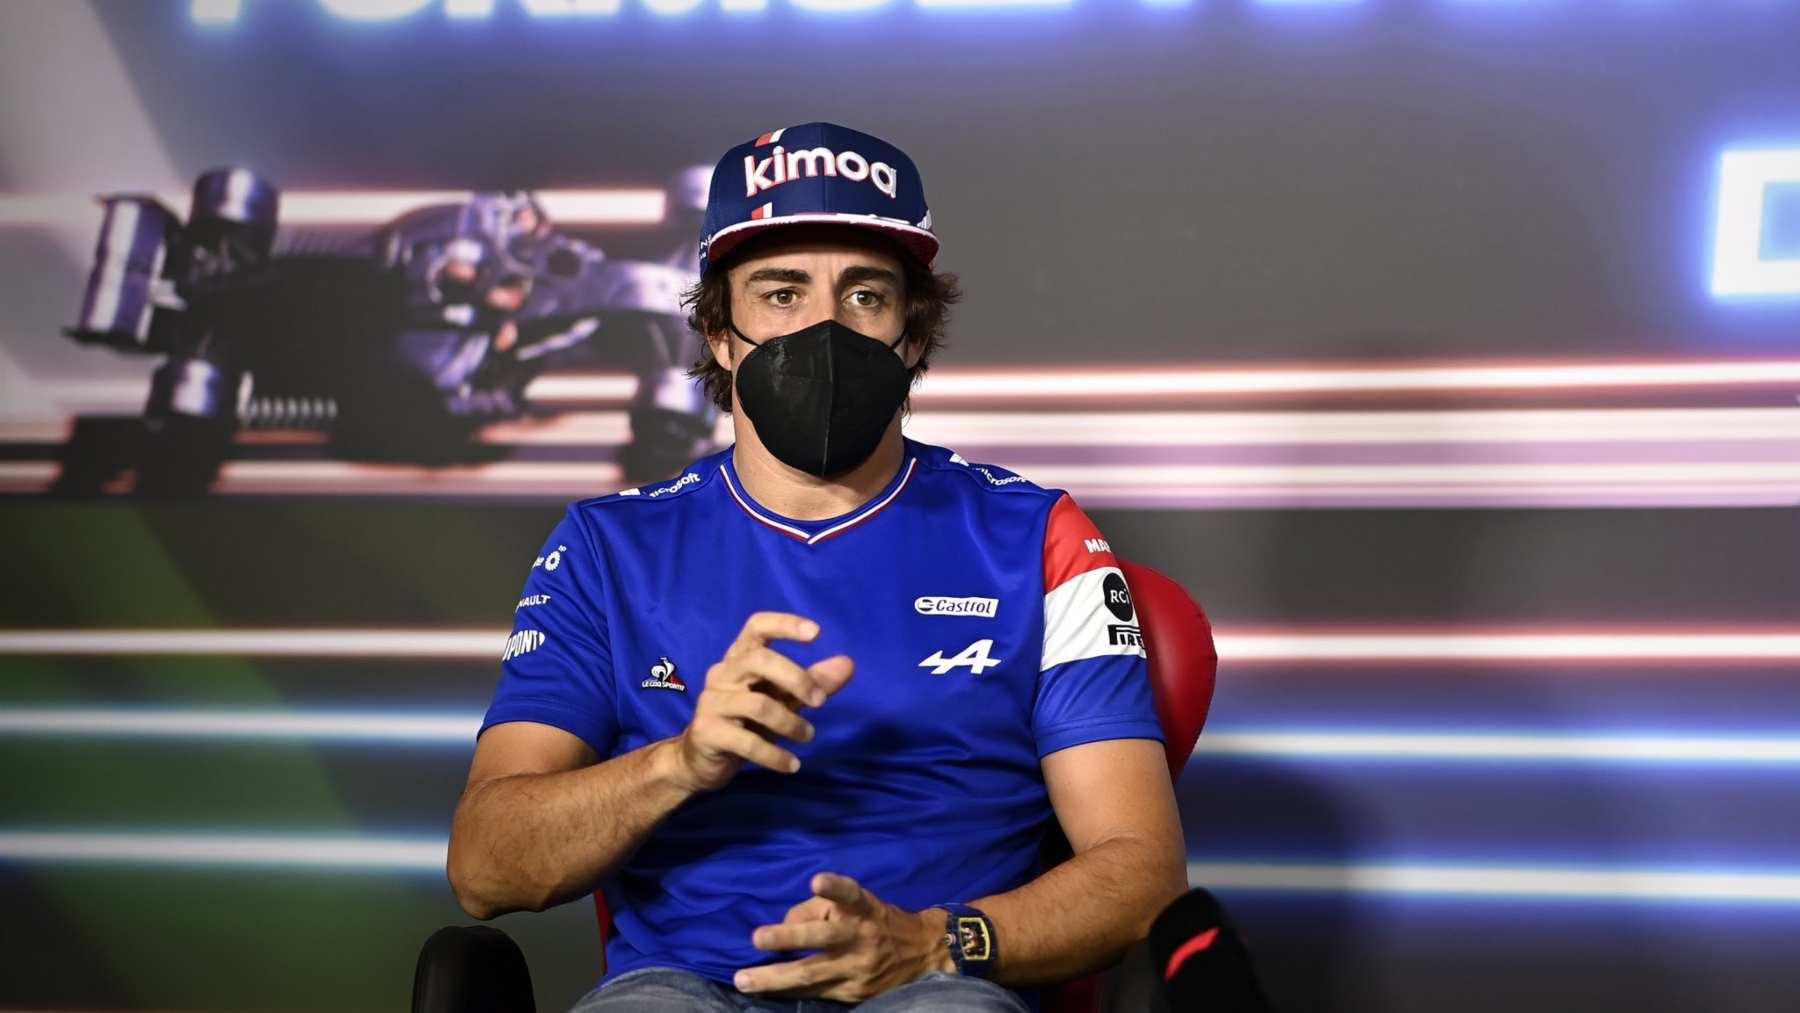 Fernando Alonso en rueda de prensa. (@alo_oficial)